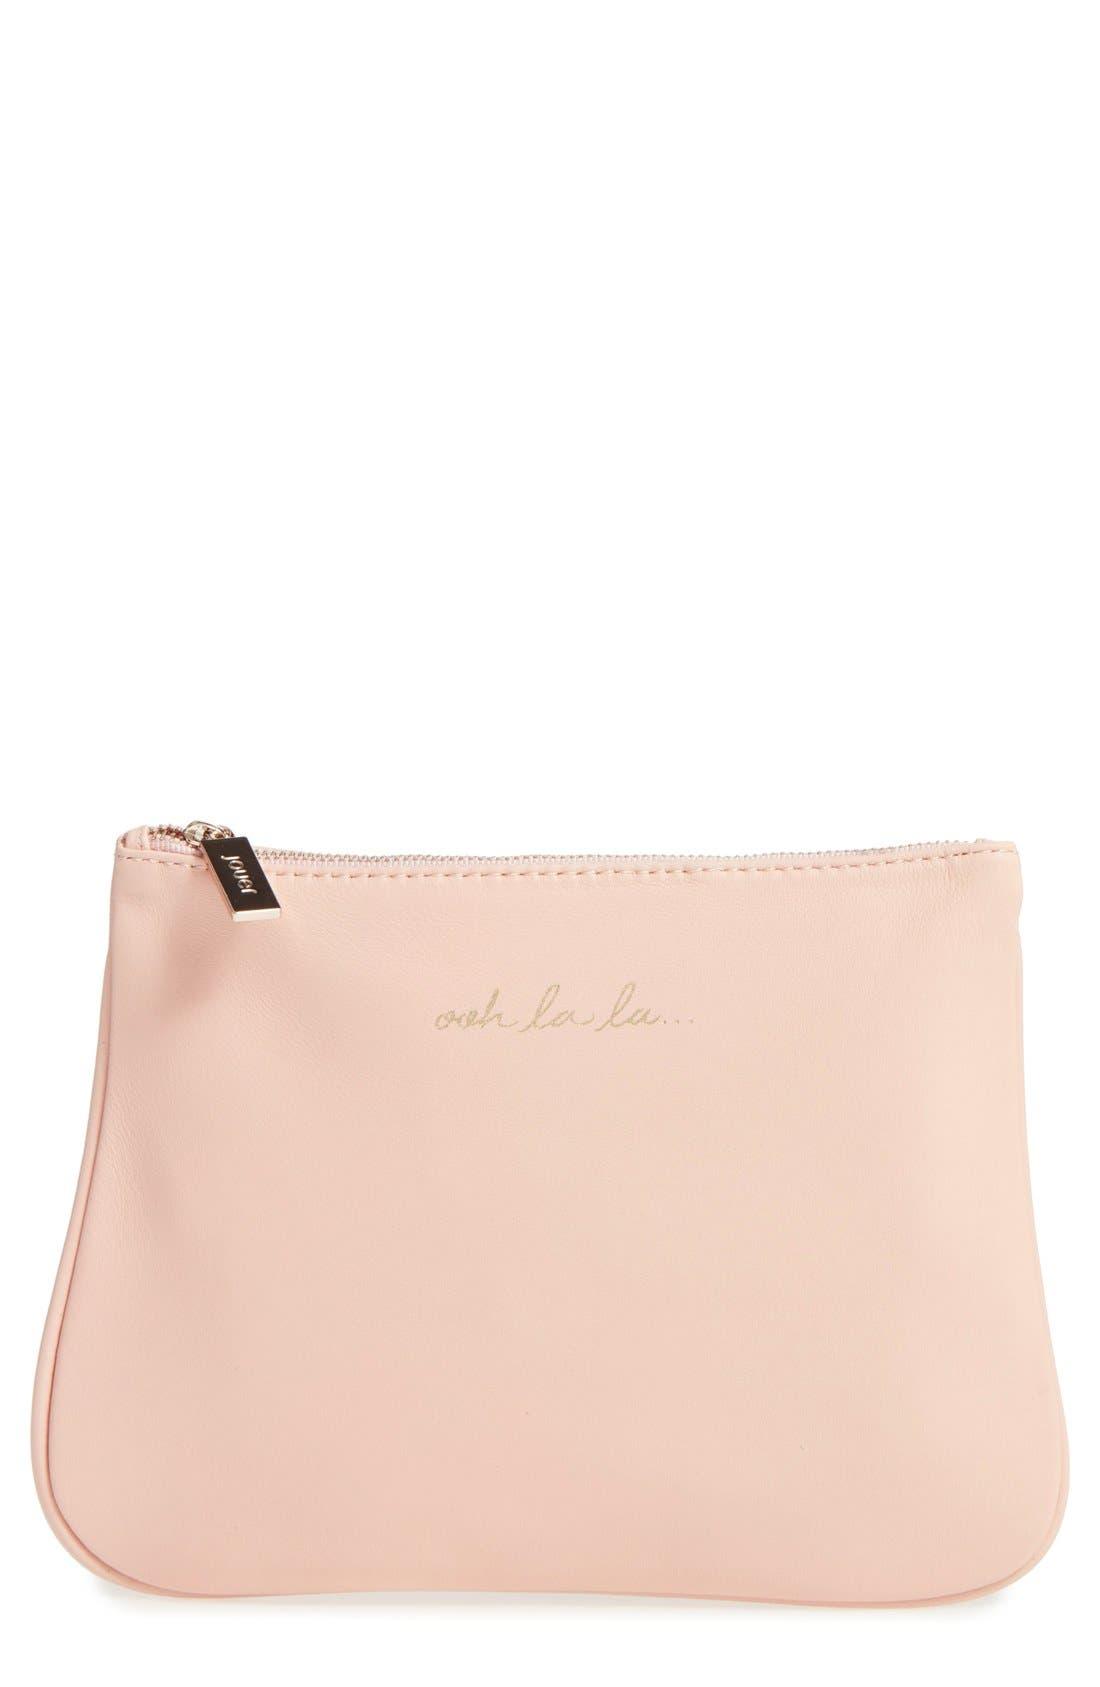 'IT' Cosmetics Bag,                         Main,                         color,